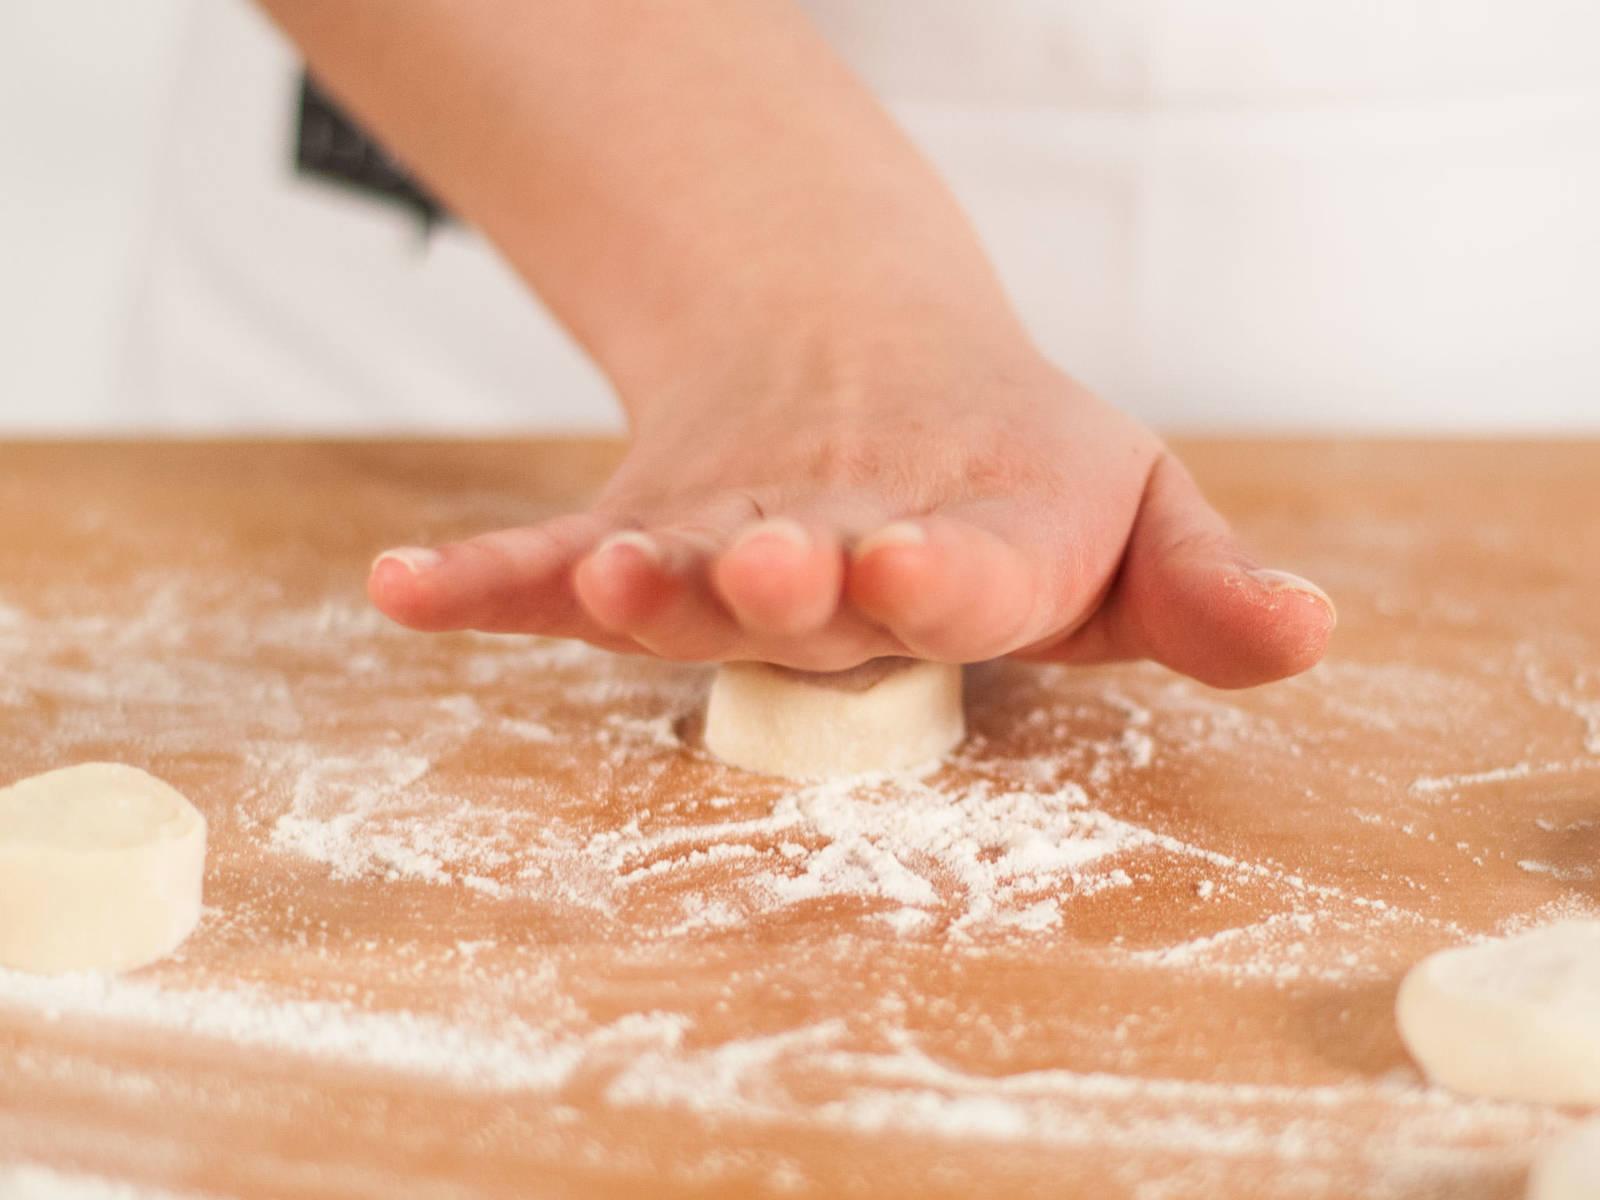 再撒些面粉,轻揉片刻使其近似圆形。然后将小面团分别按成圆饼。